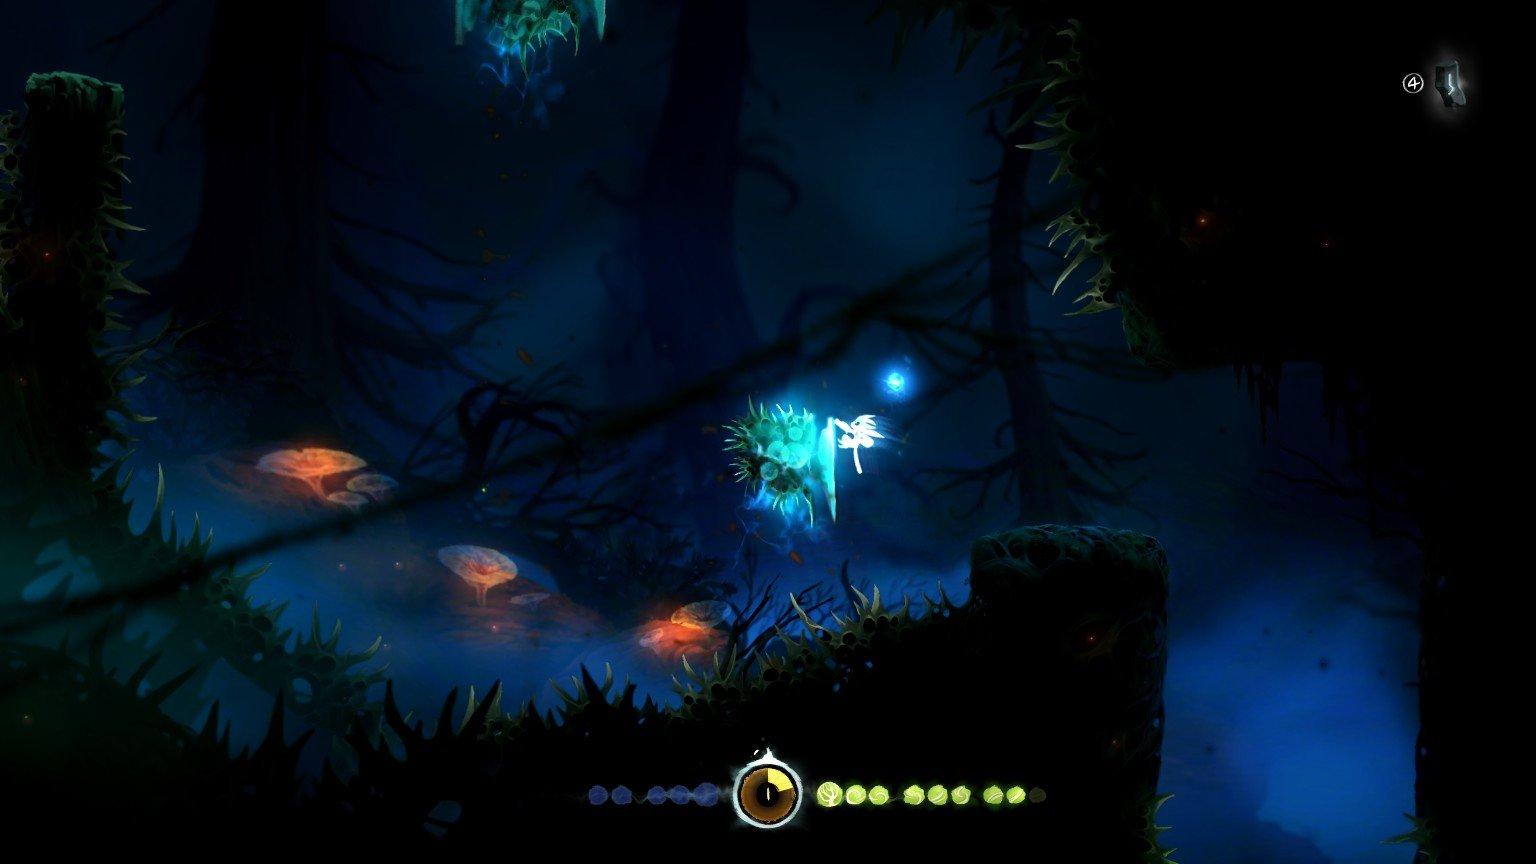 Вопль-прохождение Ori and the Blind Forest ... и тут получилось дофига скриншотов... - Изображение 21